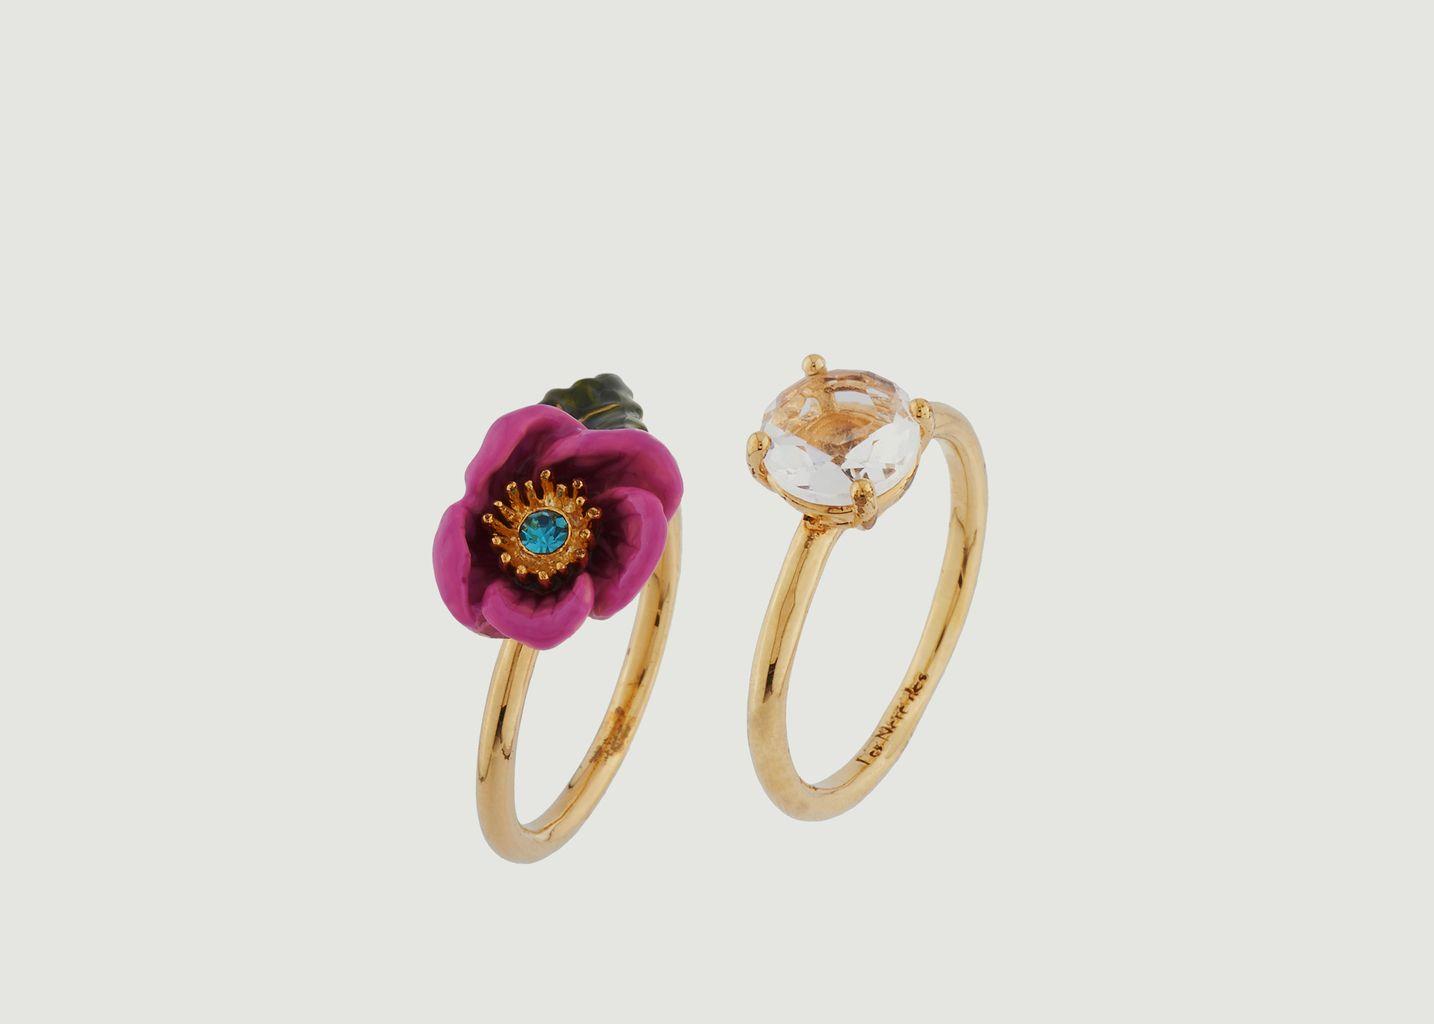 Bague Double Anneaux Fleur Rose au Pistil en Strass et Verre Taillé - Les Néréides